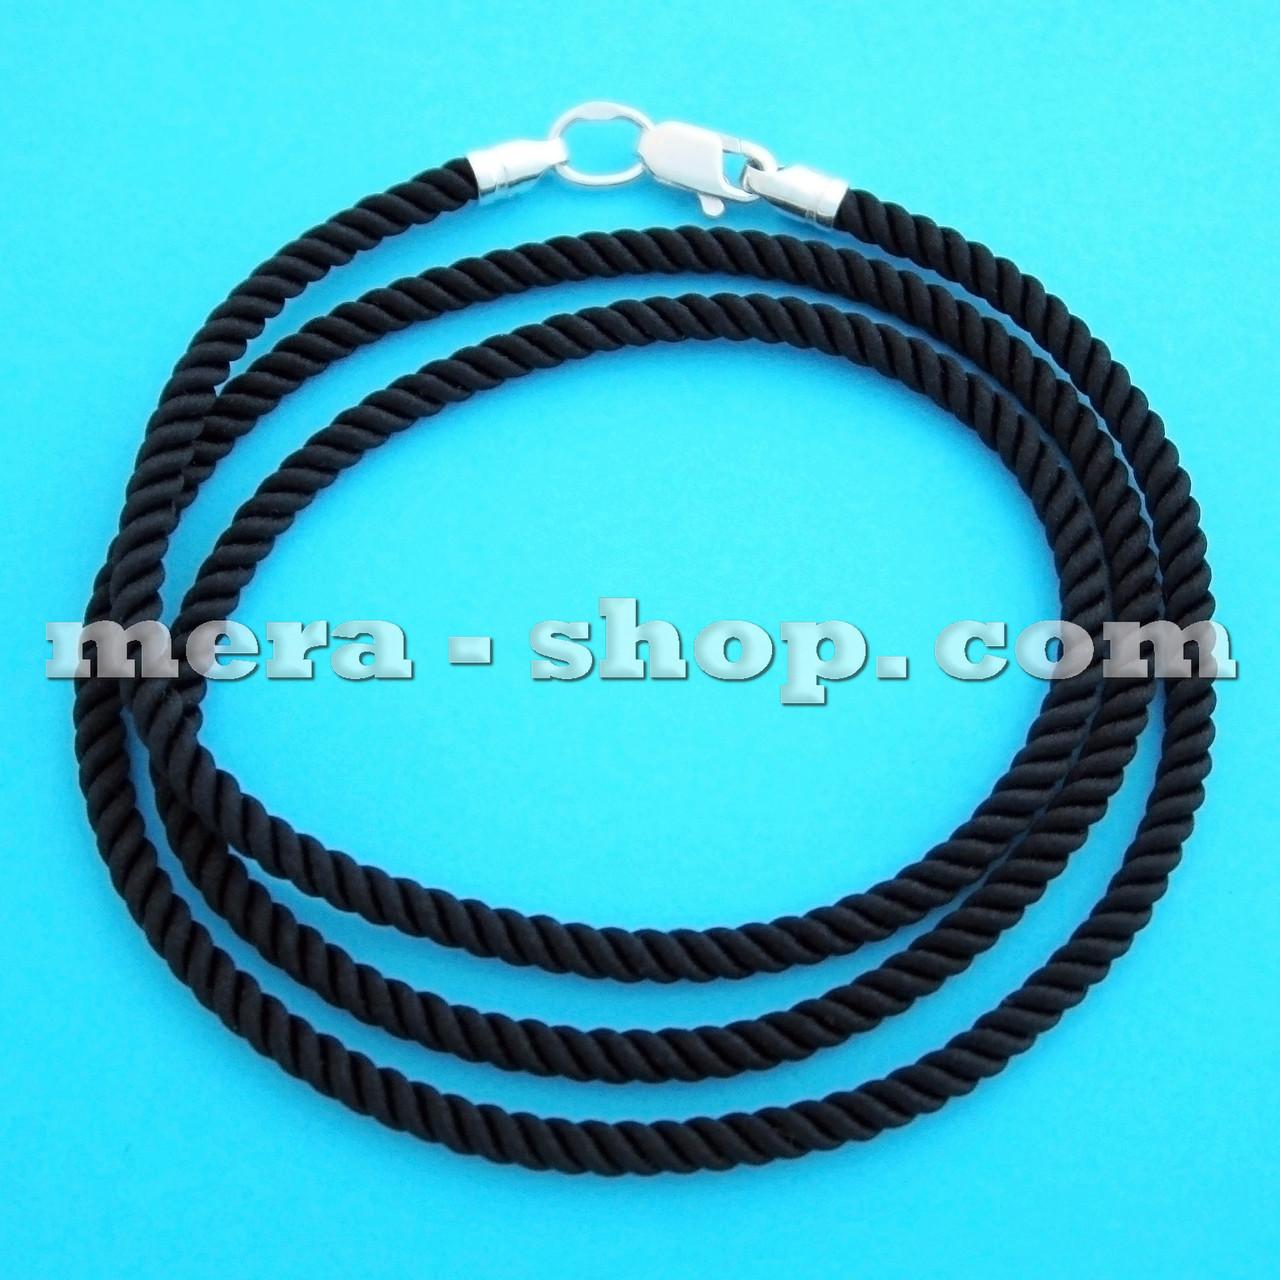 Шёлковый шнурок чёрный (⌀3,0 мм) серебряный замок